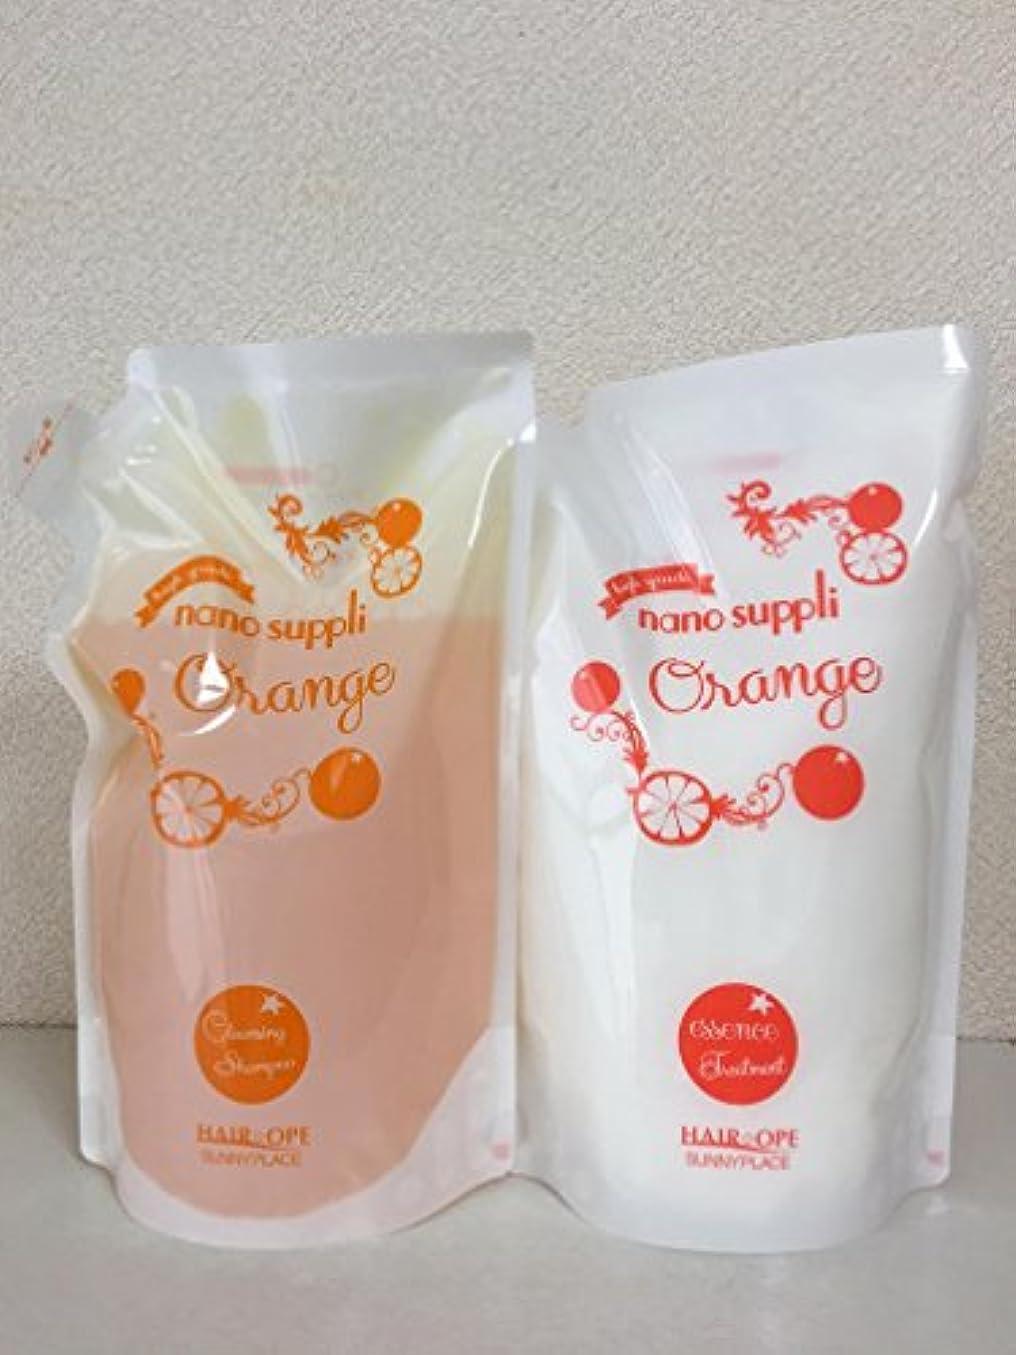 アミューズデザイナー挑むサニープレイス ナノサプリ クレンジングシャンプー&コンディショナー オレンジ 800ml詰替えセット